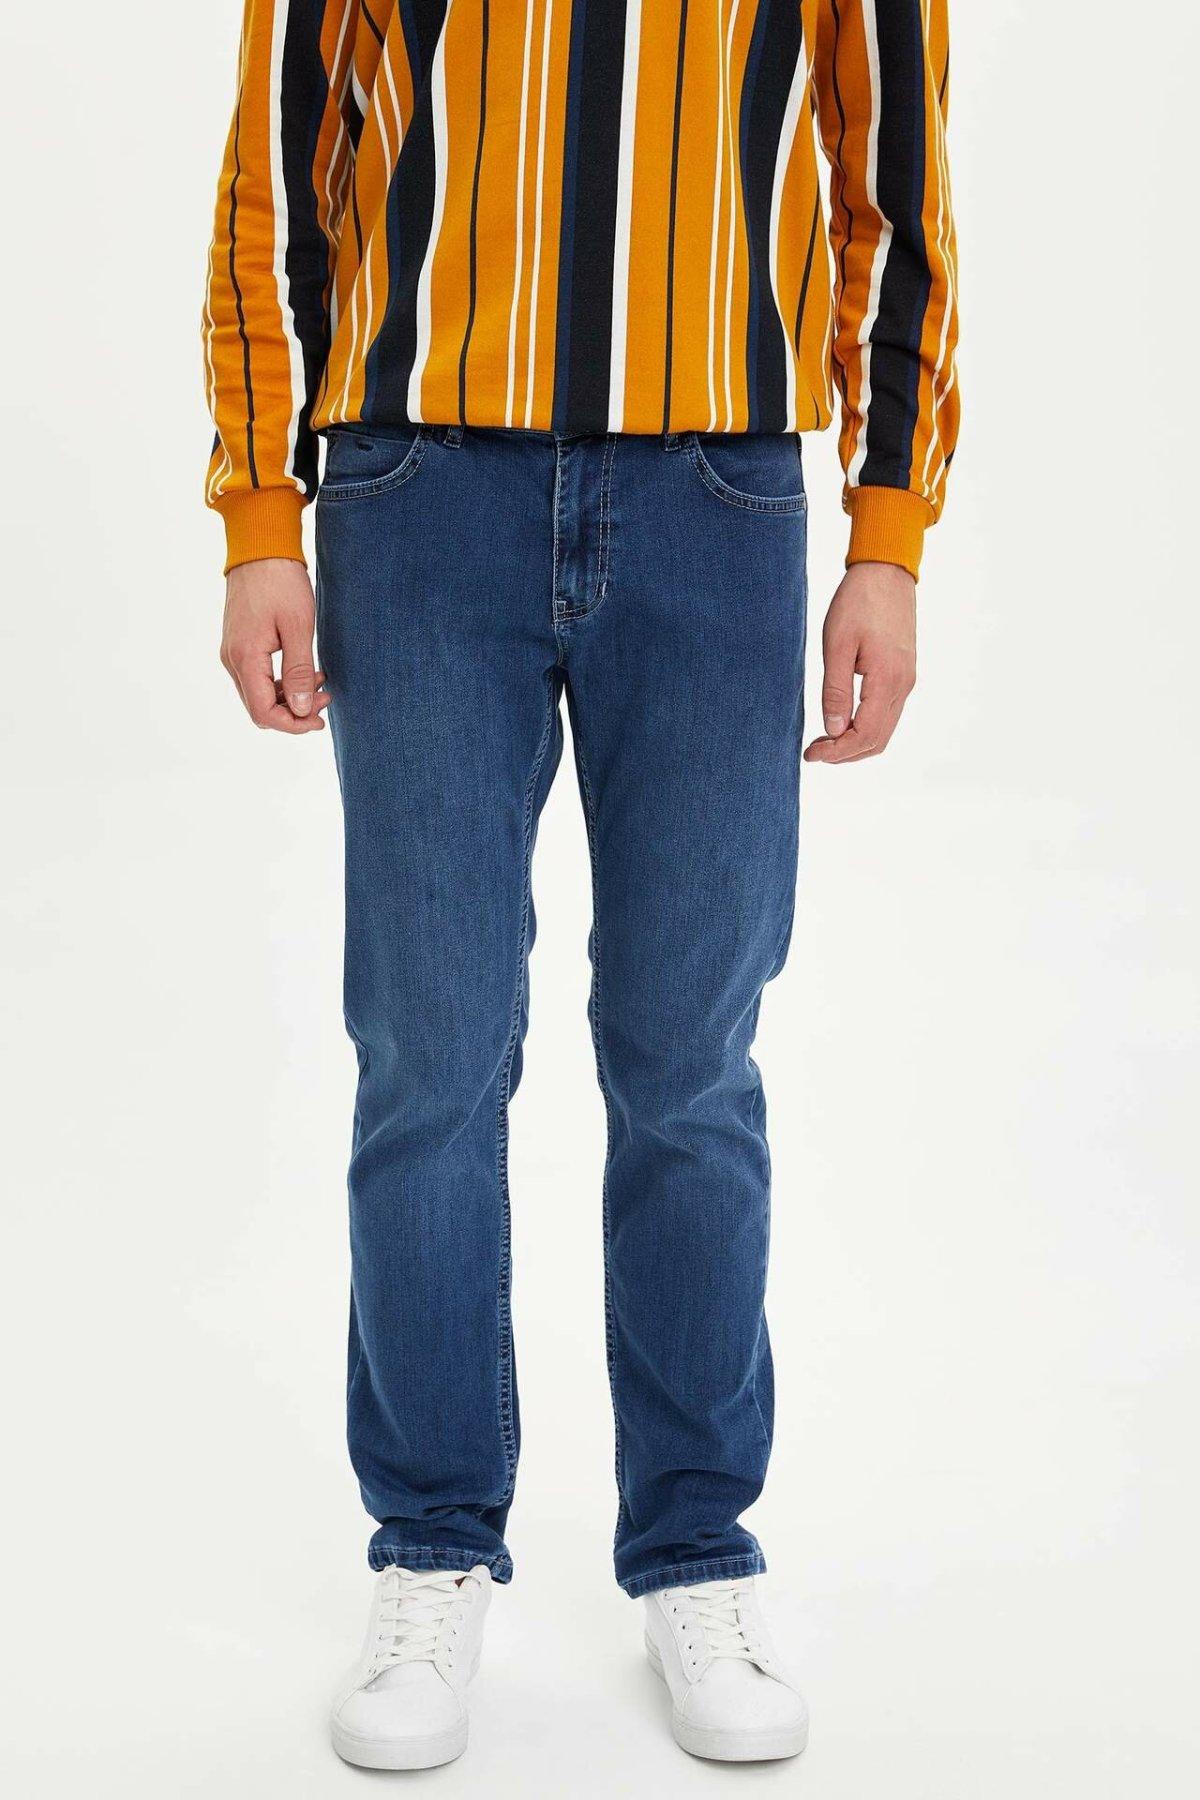 DeFacto Man Trousers-M4001AZ19WN